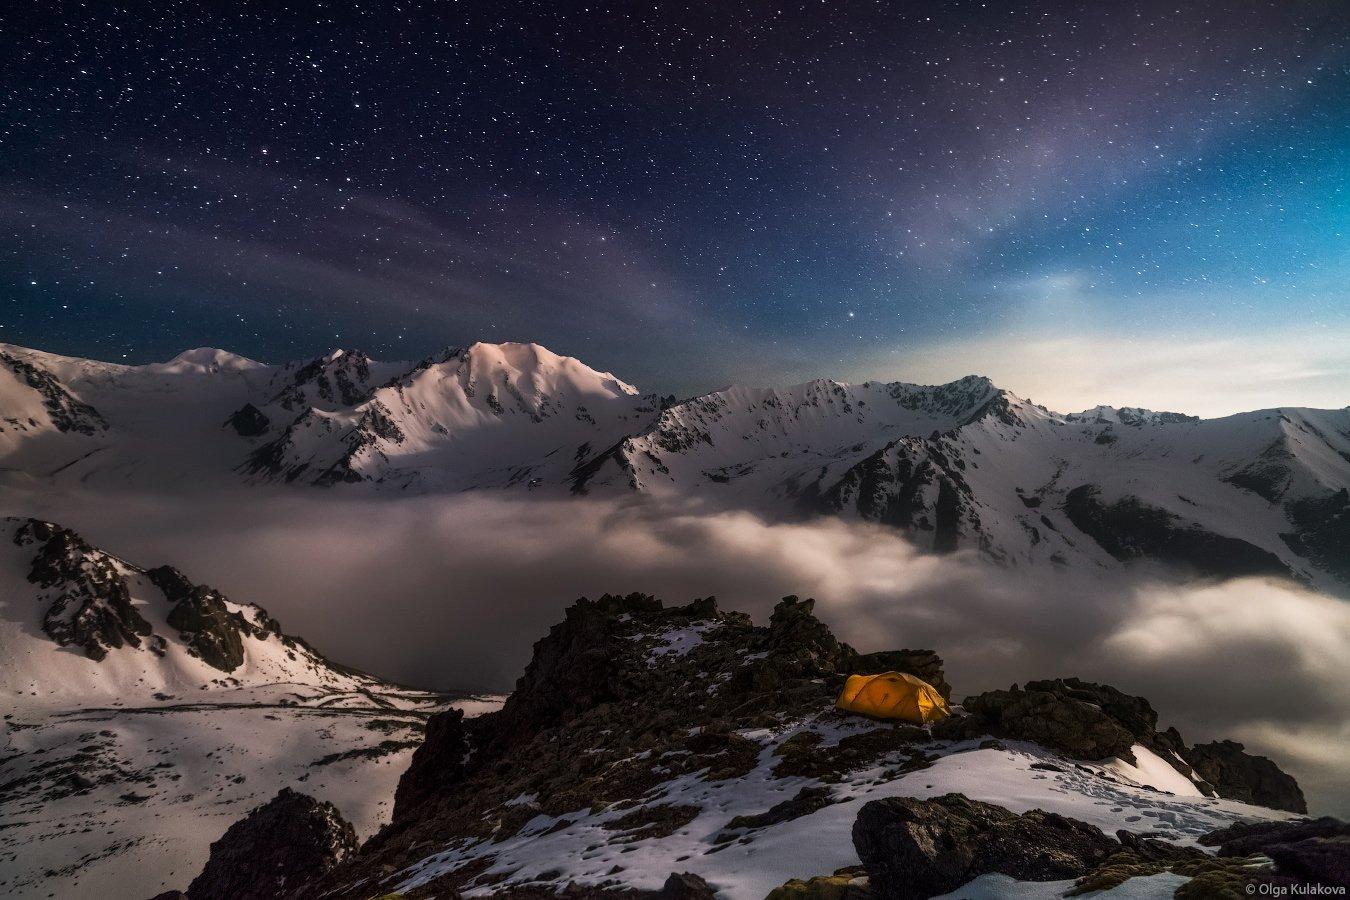 горы, ночь, ночное небо, палатка, заилийский алатау, казахстан, Ольга Кулакова